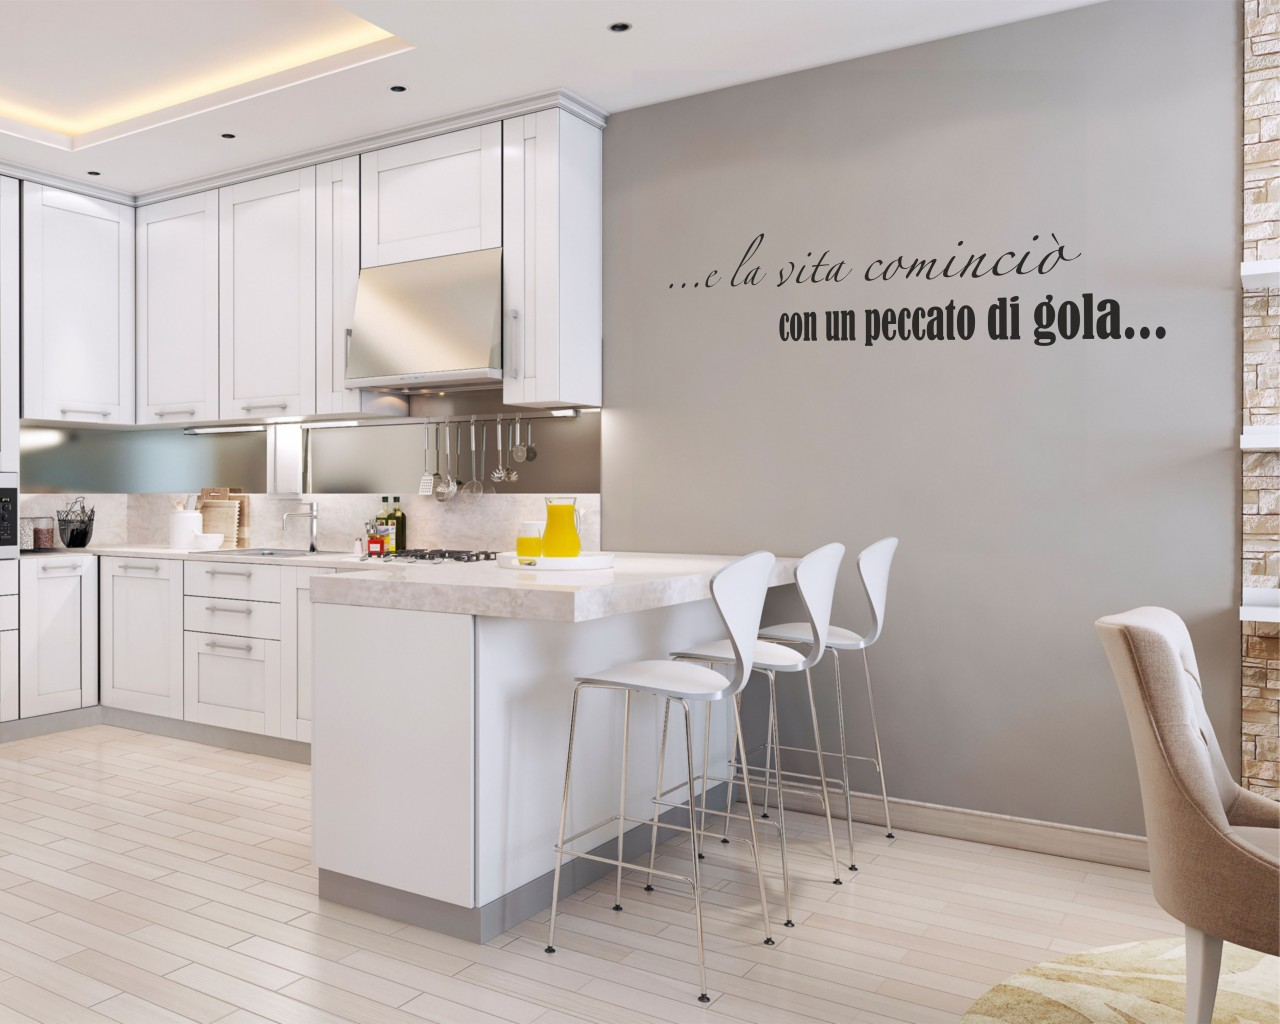 Frase adesiva cucina e la vita cominci food adesivo for Adesivi x cucina